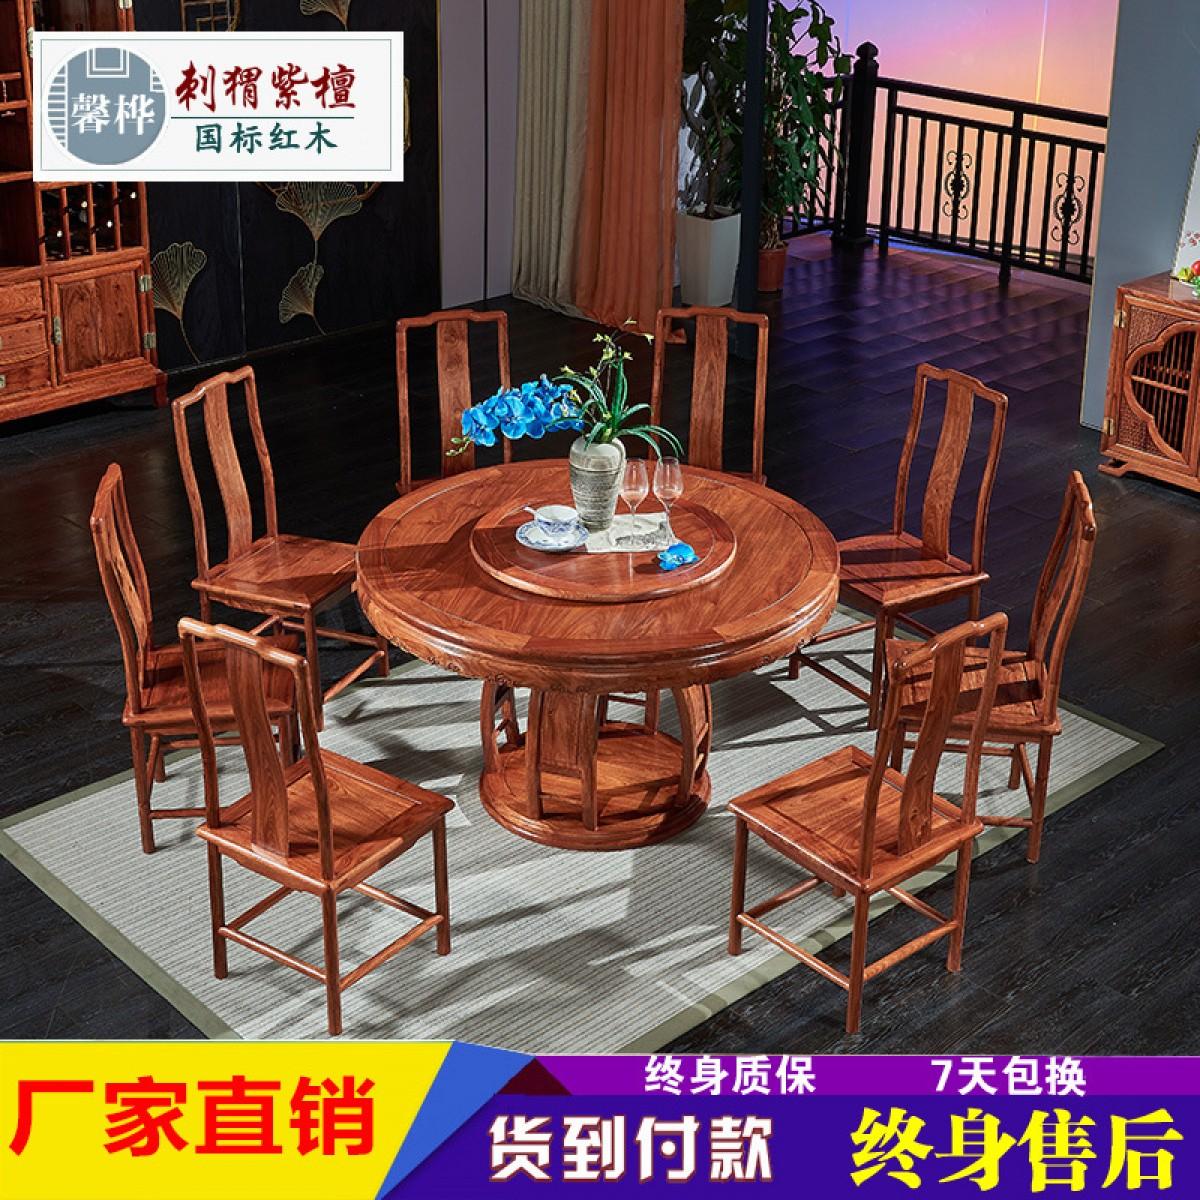 实木餐桌红木餐桌花梨木圆餐桌中式仿古圆桌刺猬紫檀餐桌椅组合